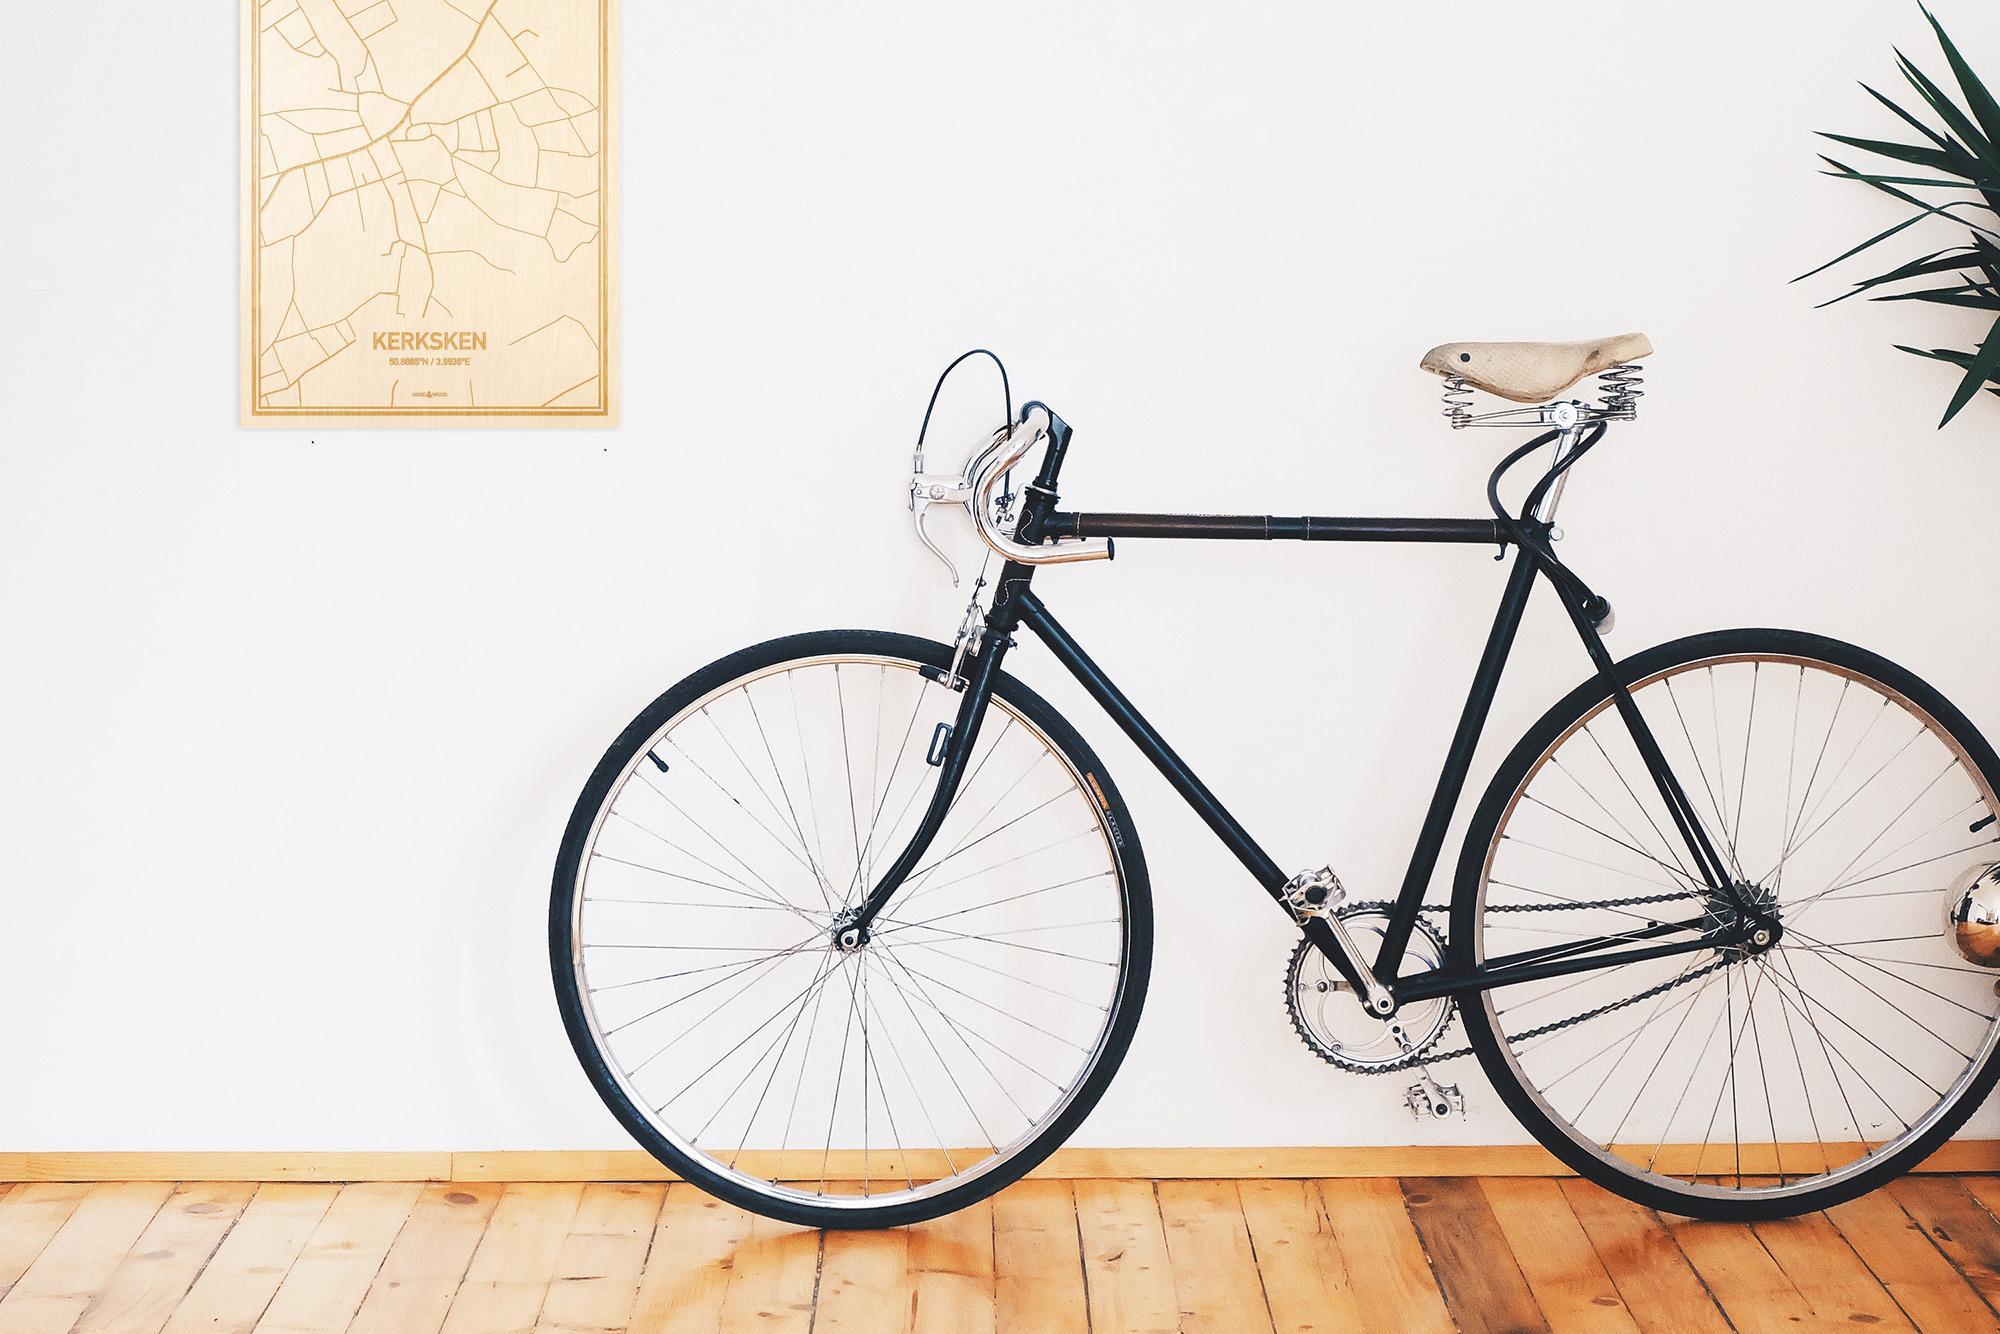 Een snelle fiets in een uniek interieur in Oost-Vlaanderen  met mooie decoratie zoals de plattegrond Kerksken.